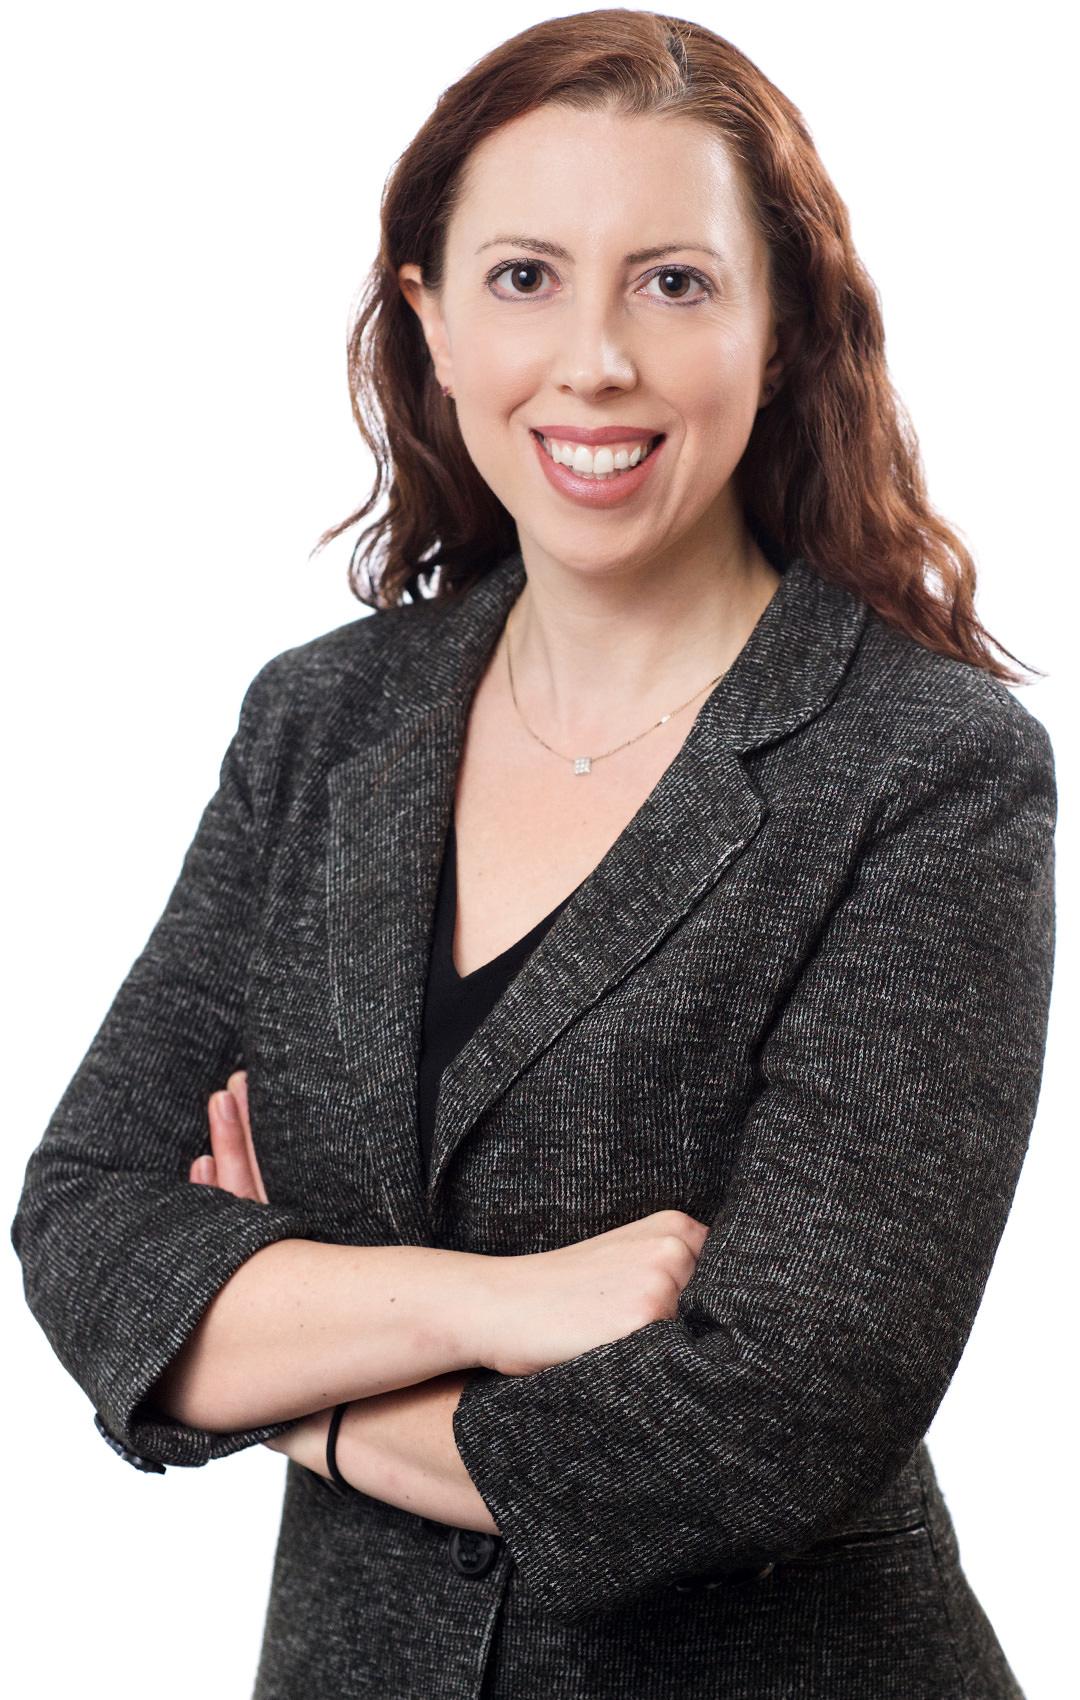 Gillian Deutch